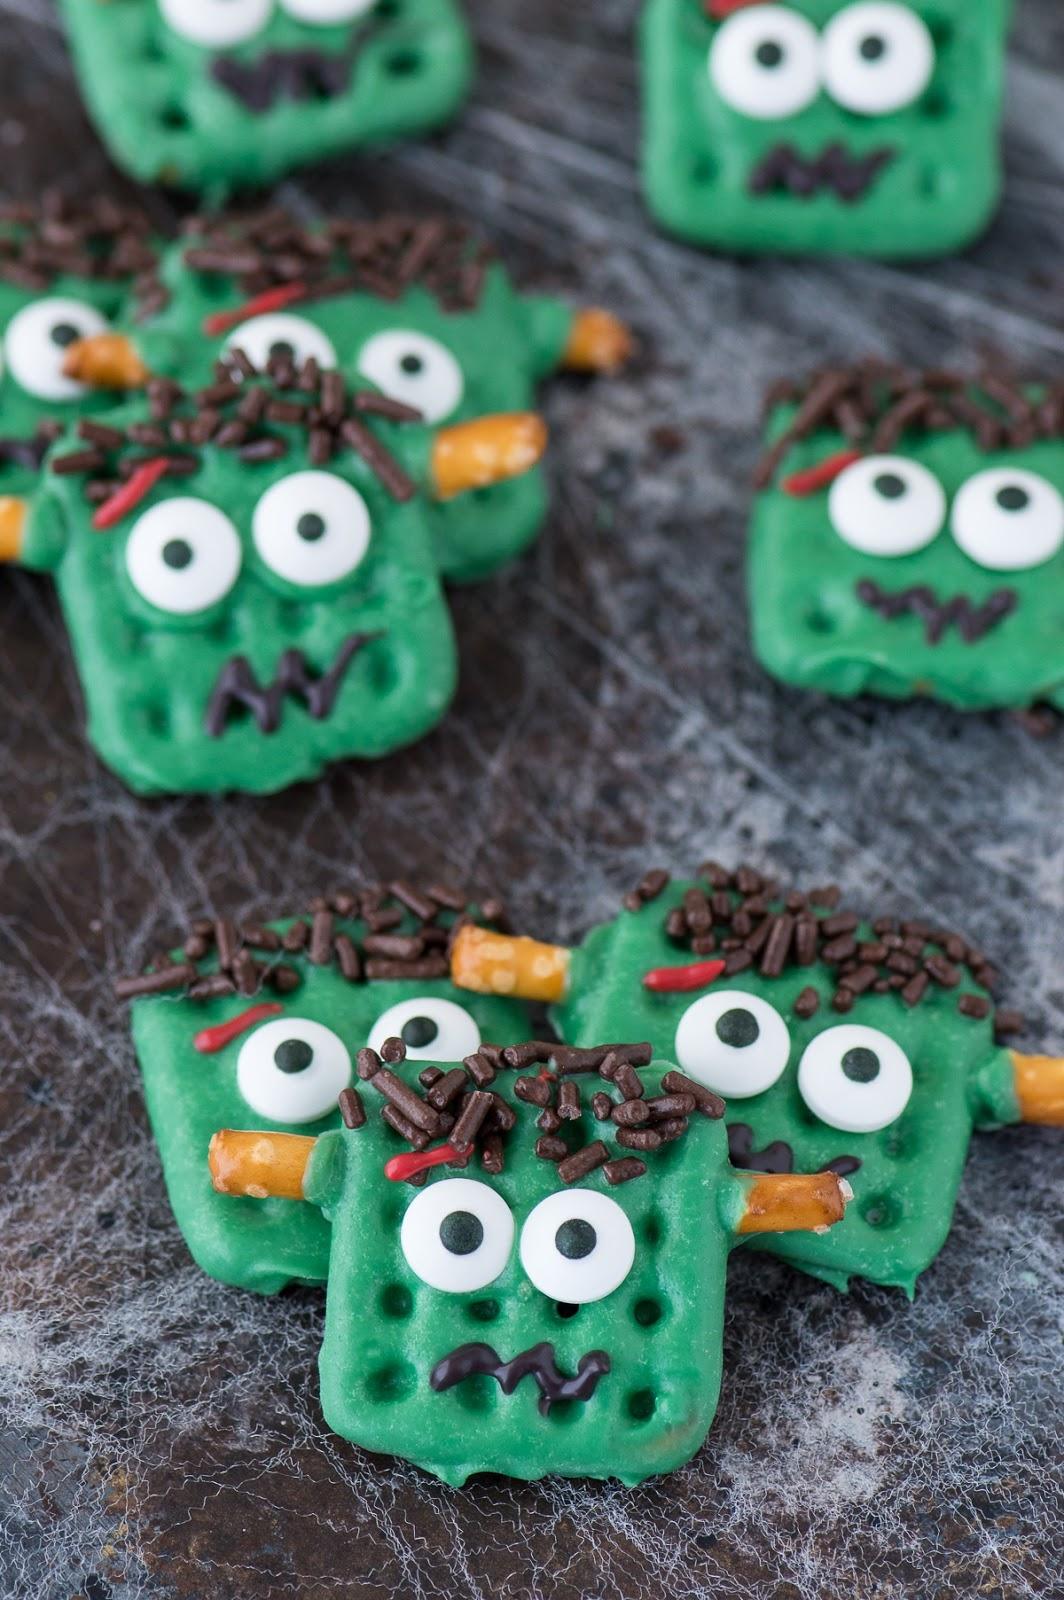 Frankenstein Pretzels #desserts #cakes #snack #yummy #pie